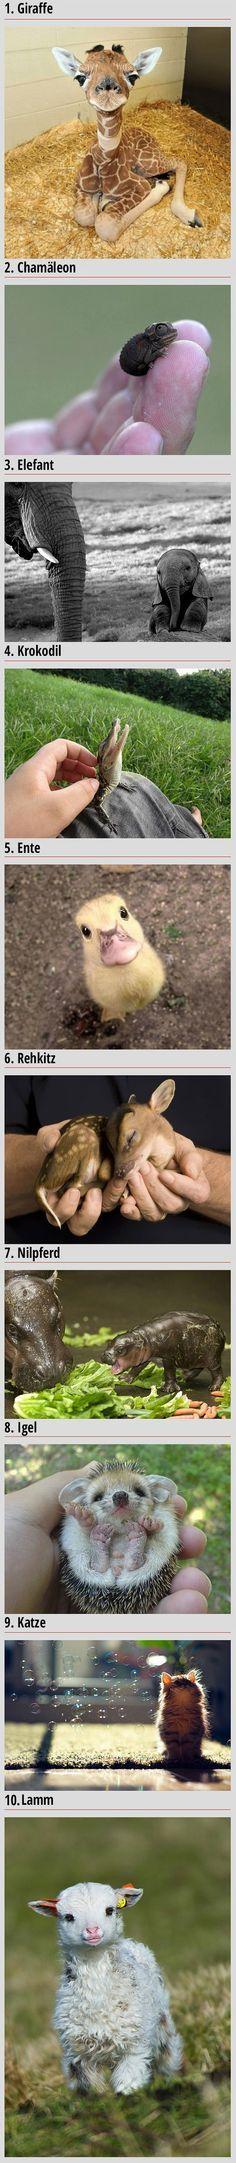 Die süßesten Tierbabys der Welt - Cuteness Overload Bild | Webfail - Fail Bilder und Fail Videos